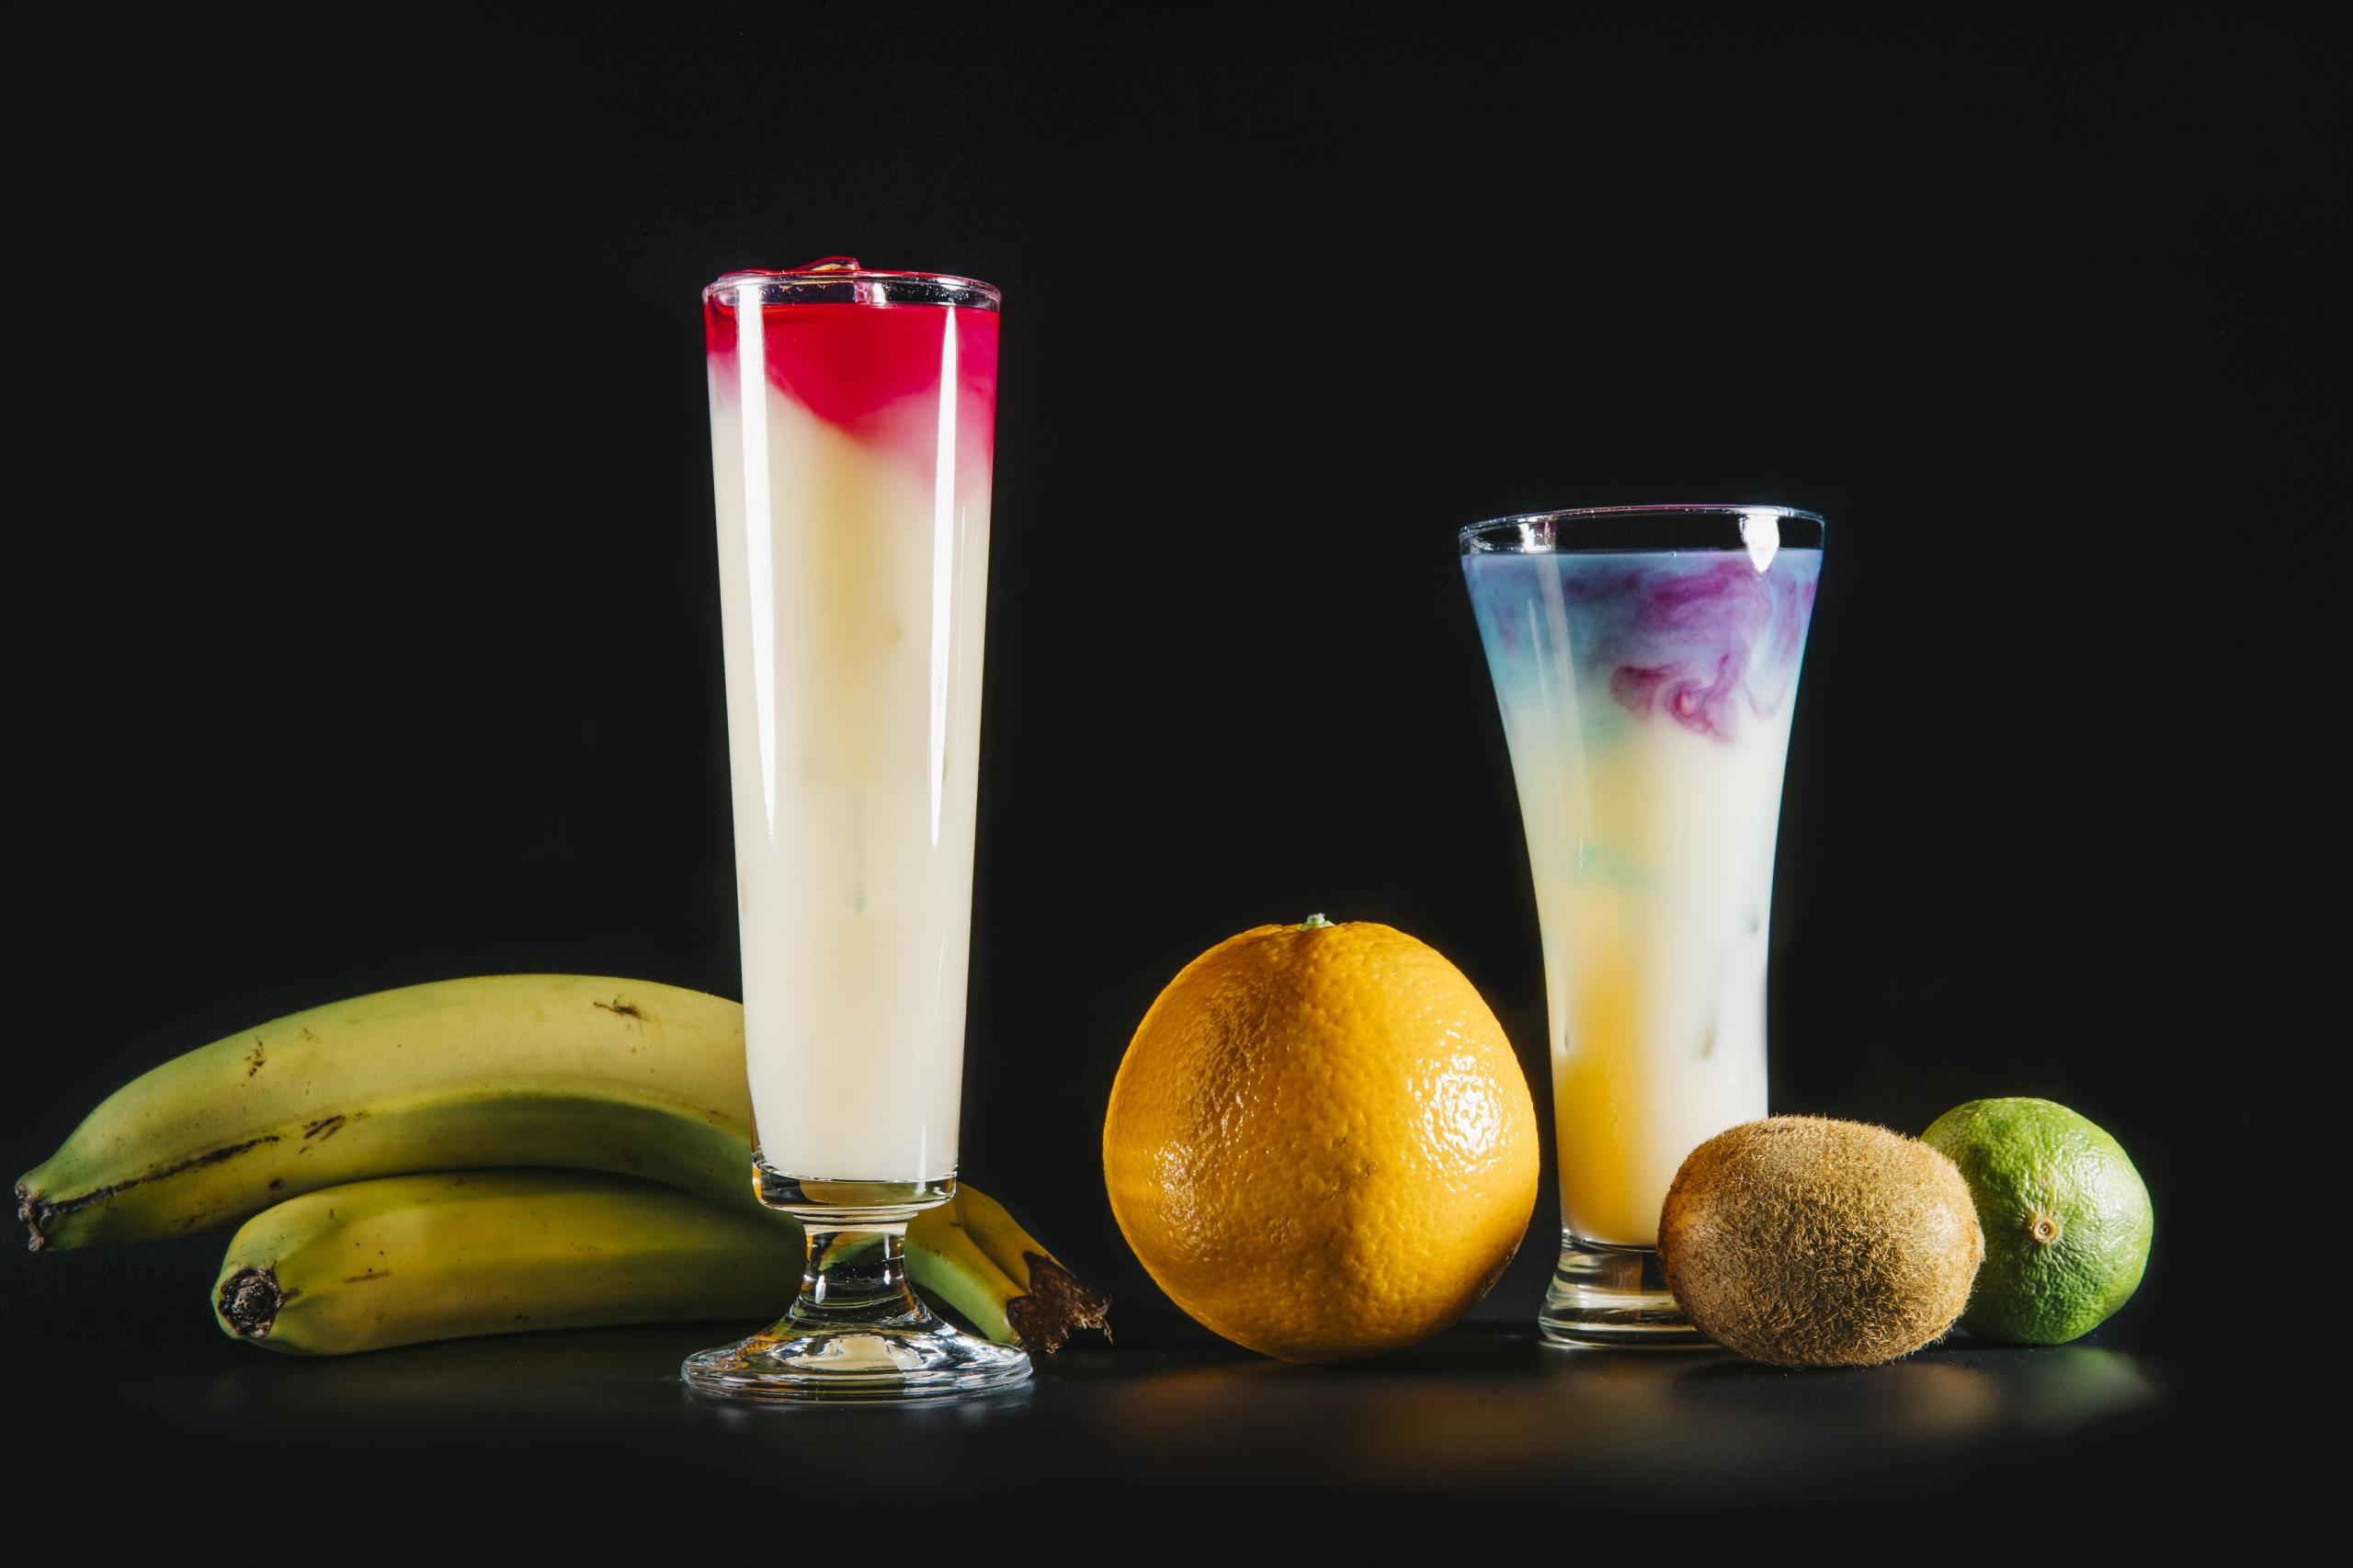 Обои для рабочего стола Апельсин Киви Бананы стакане Пища Коктейль Черный фон 2560x1706 Стакан стакана Еда Продукты питания на черном фоне